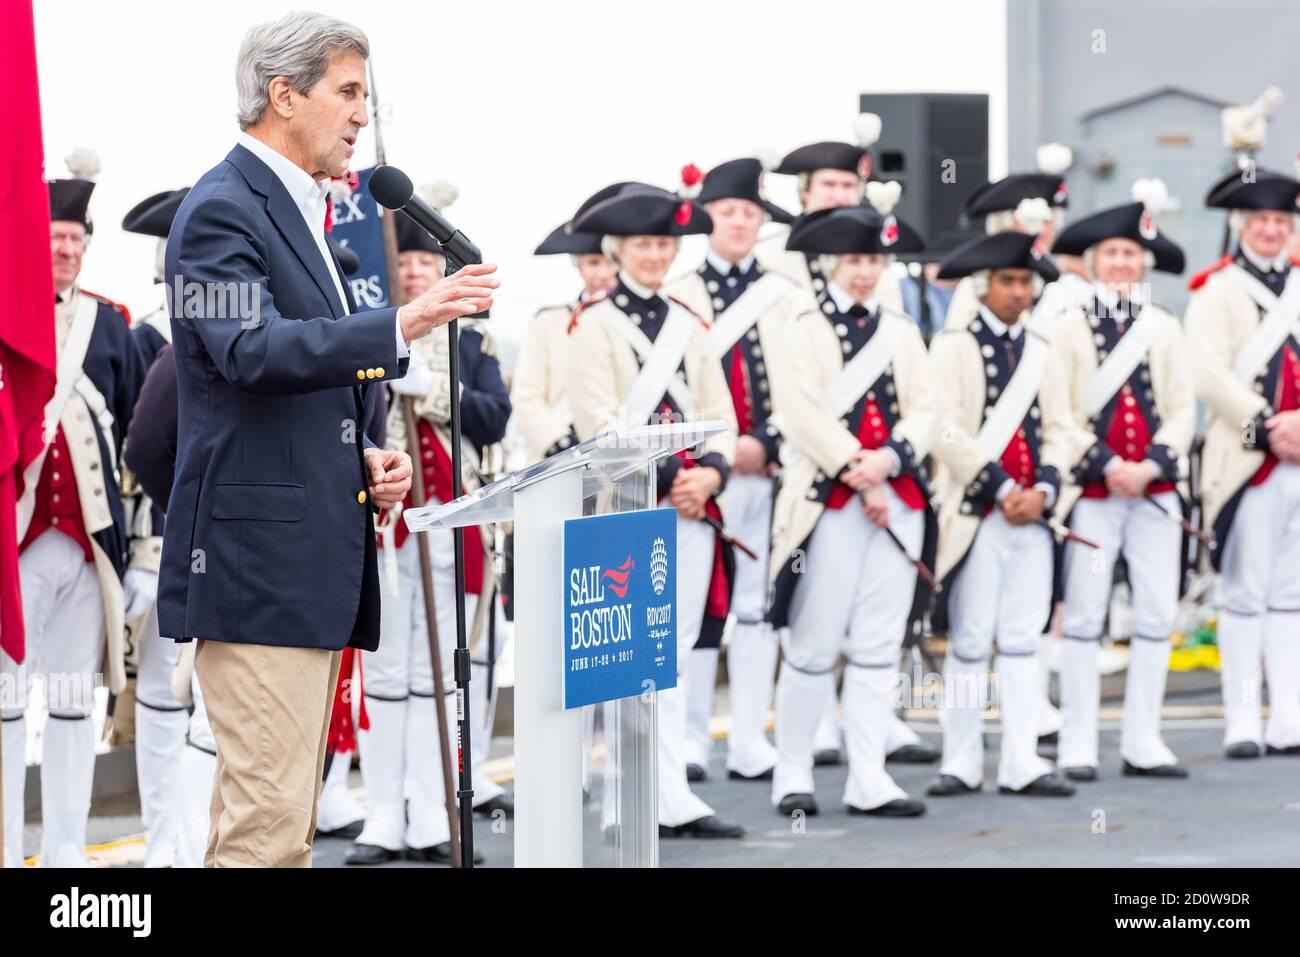 Boston, Massachusetts. 13 de junio de 2017. Ex Secretario de Estado John Kerry hablando en Sail Boston. Fotografiado desde la isla USS Whidbey. Foto de stock